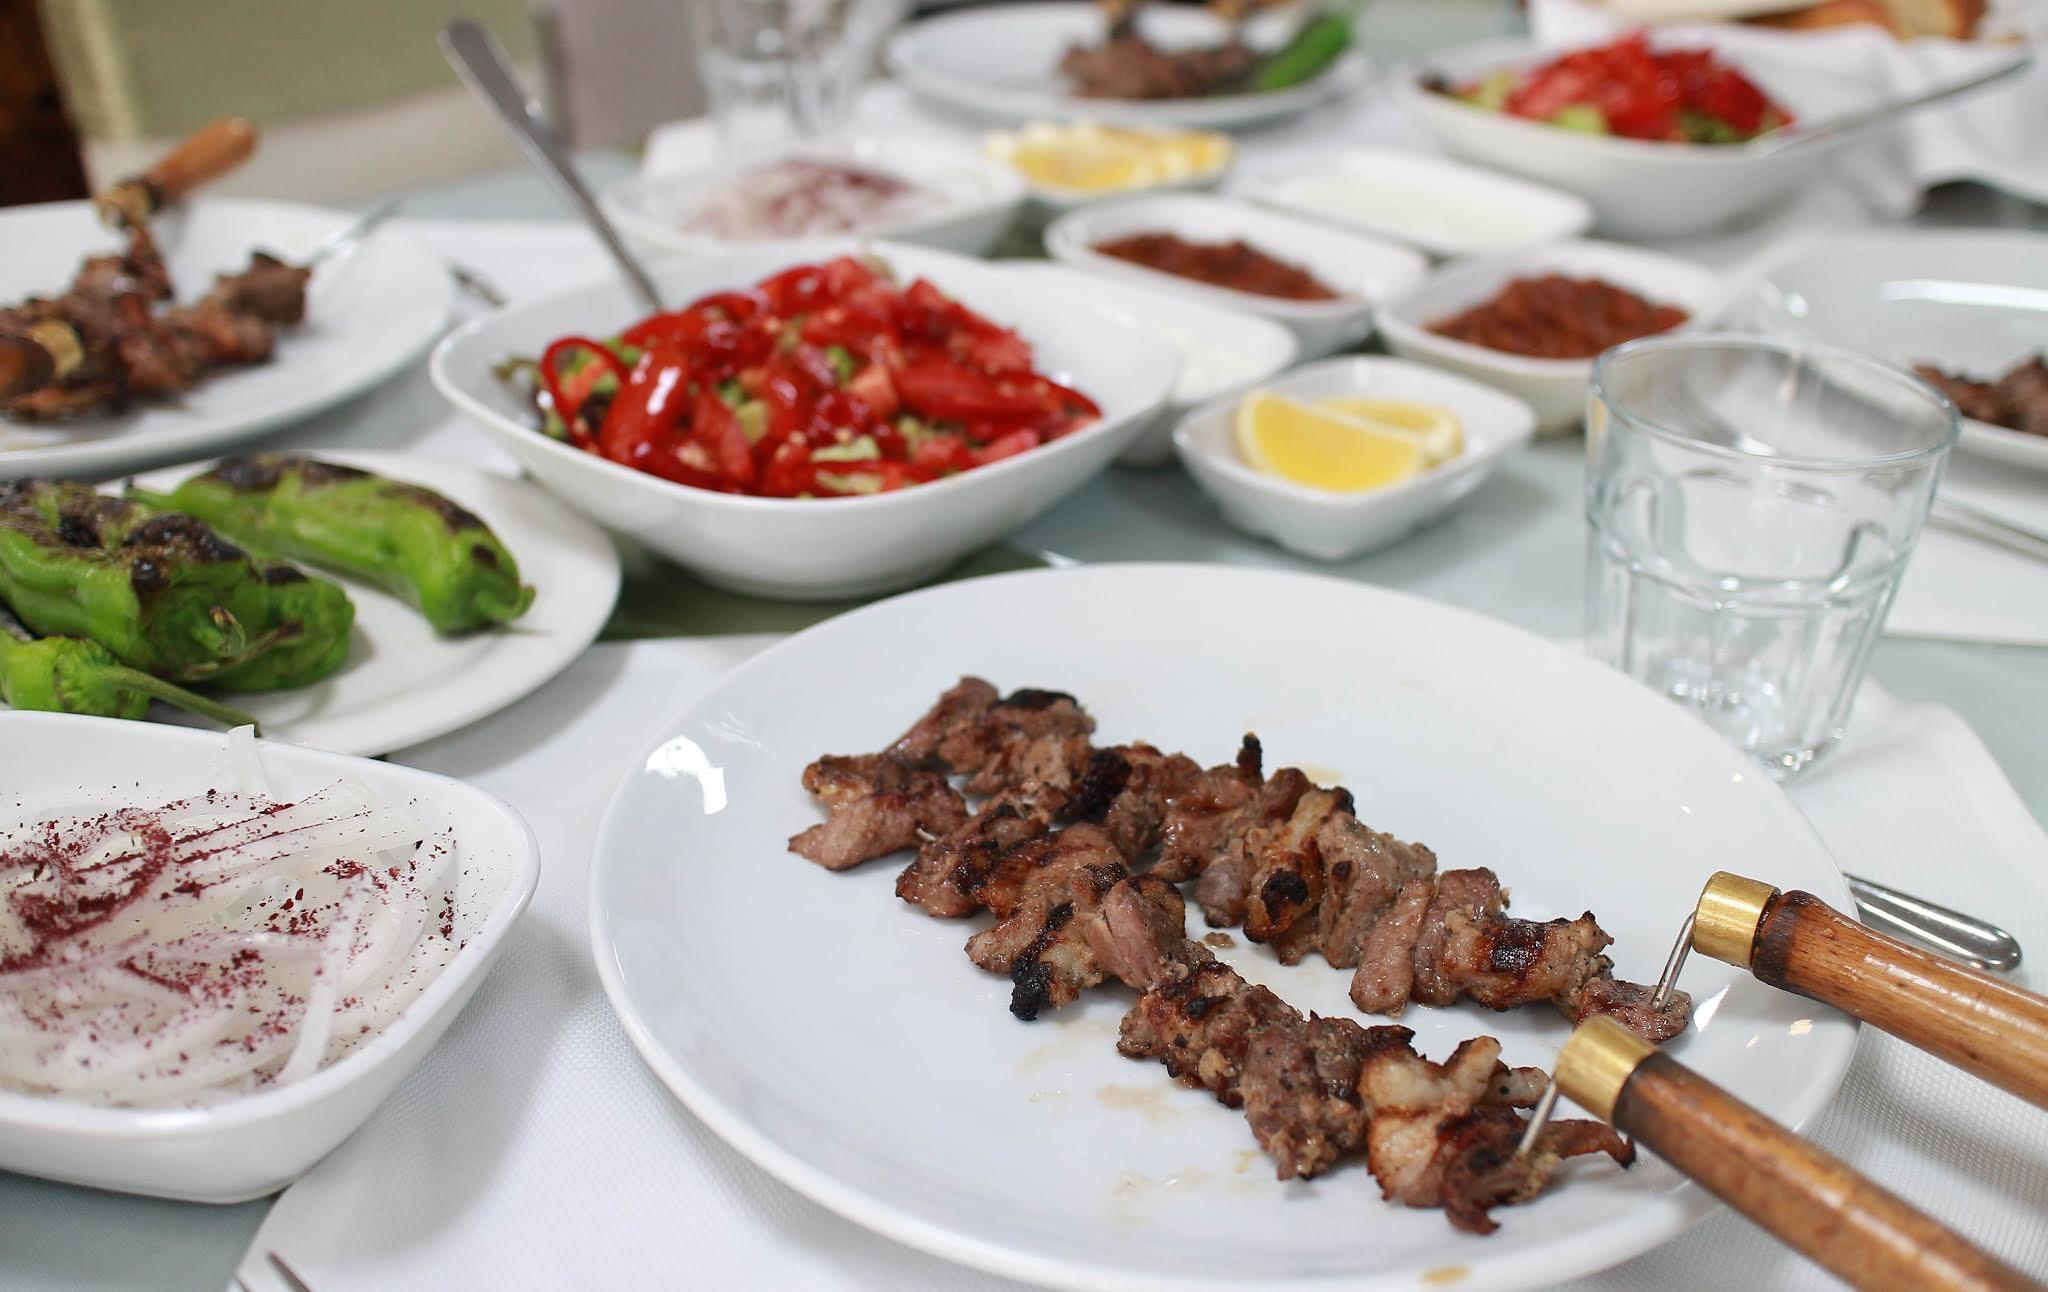 koc cağ kebap ulus ankara cağ kebabı fiyatları ankara cağ kebabı porsion fiyatı